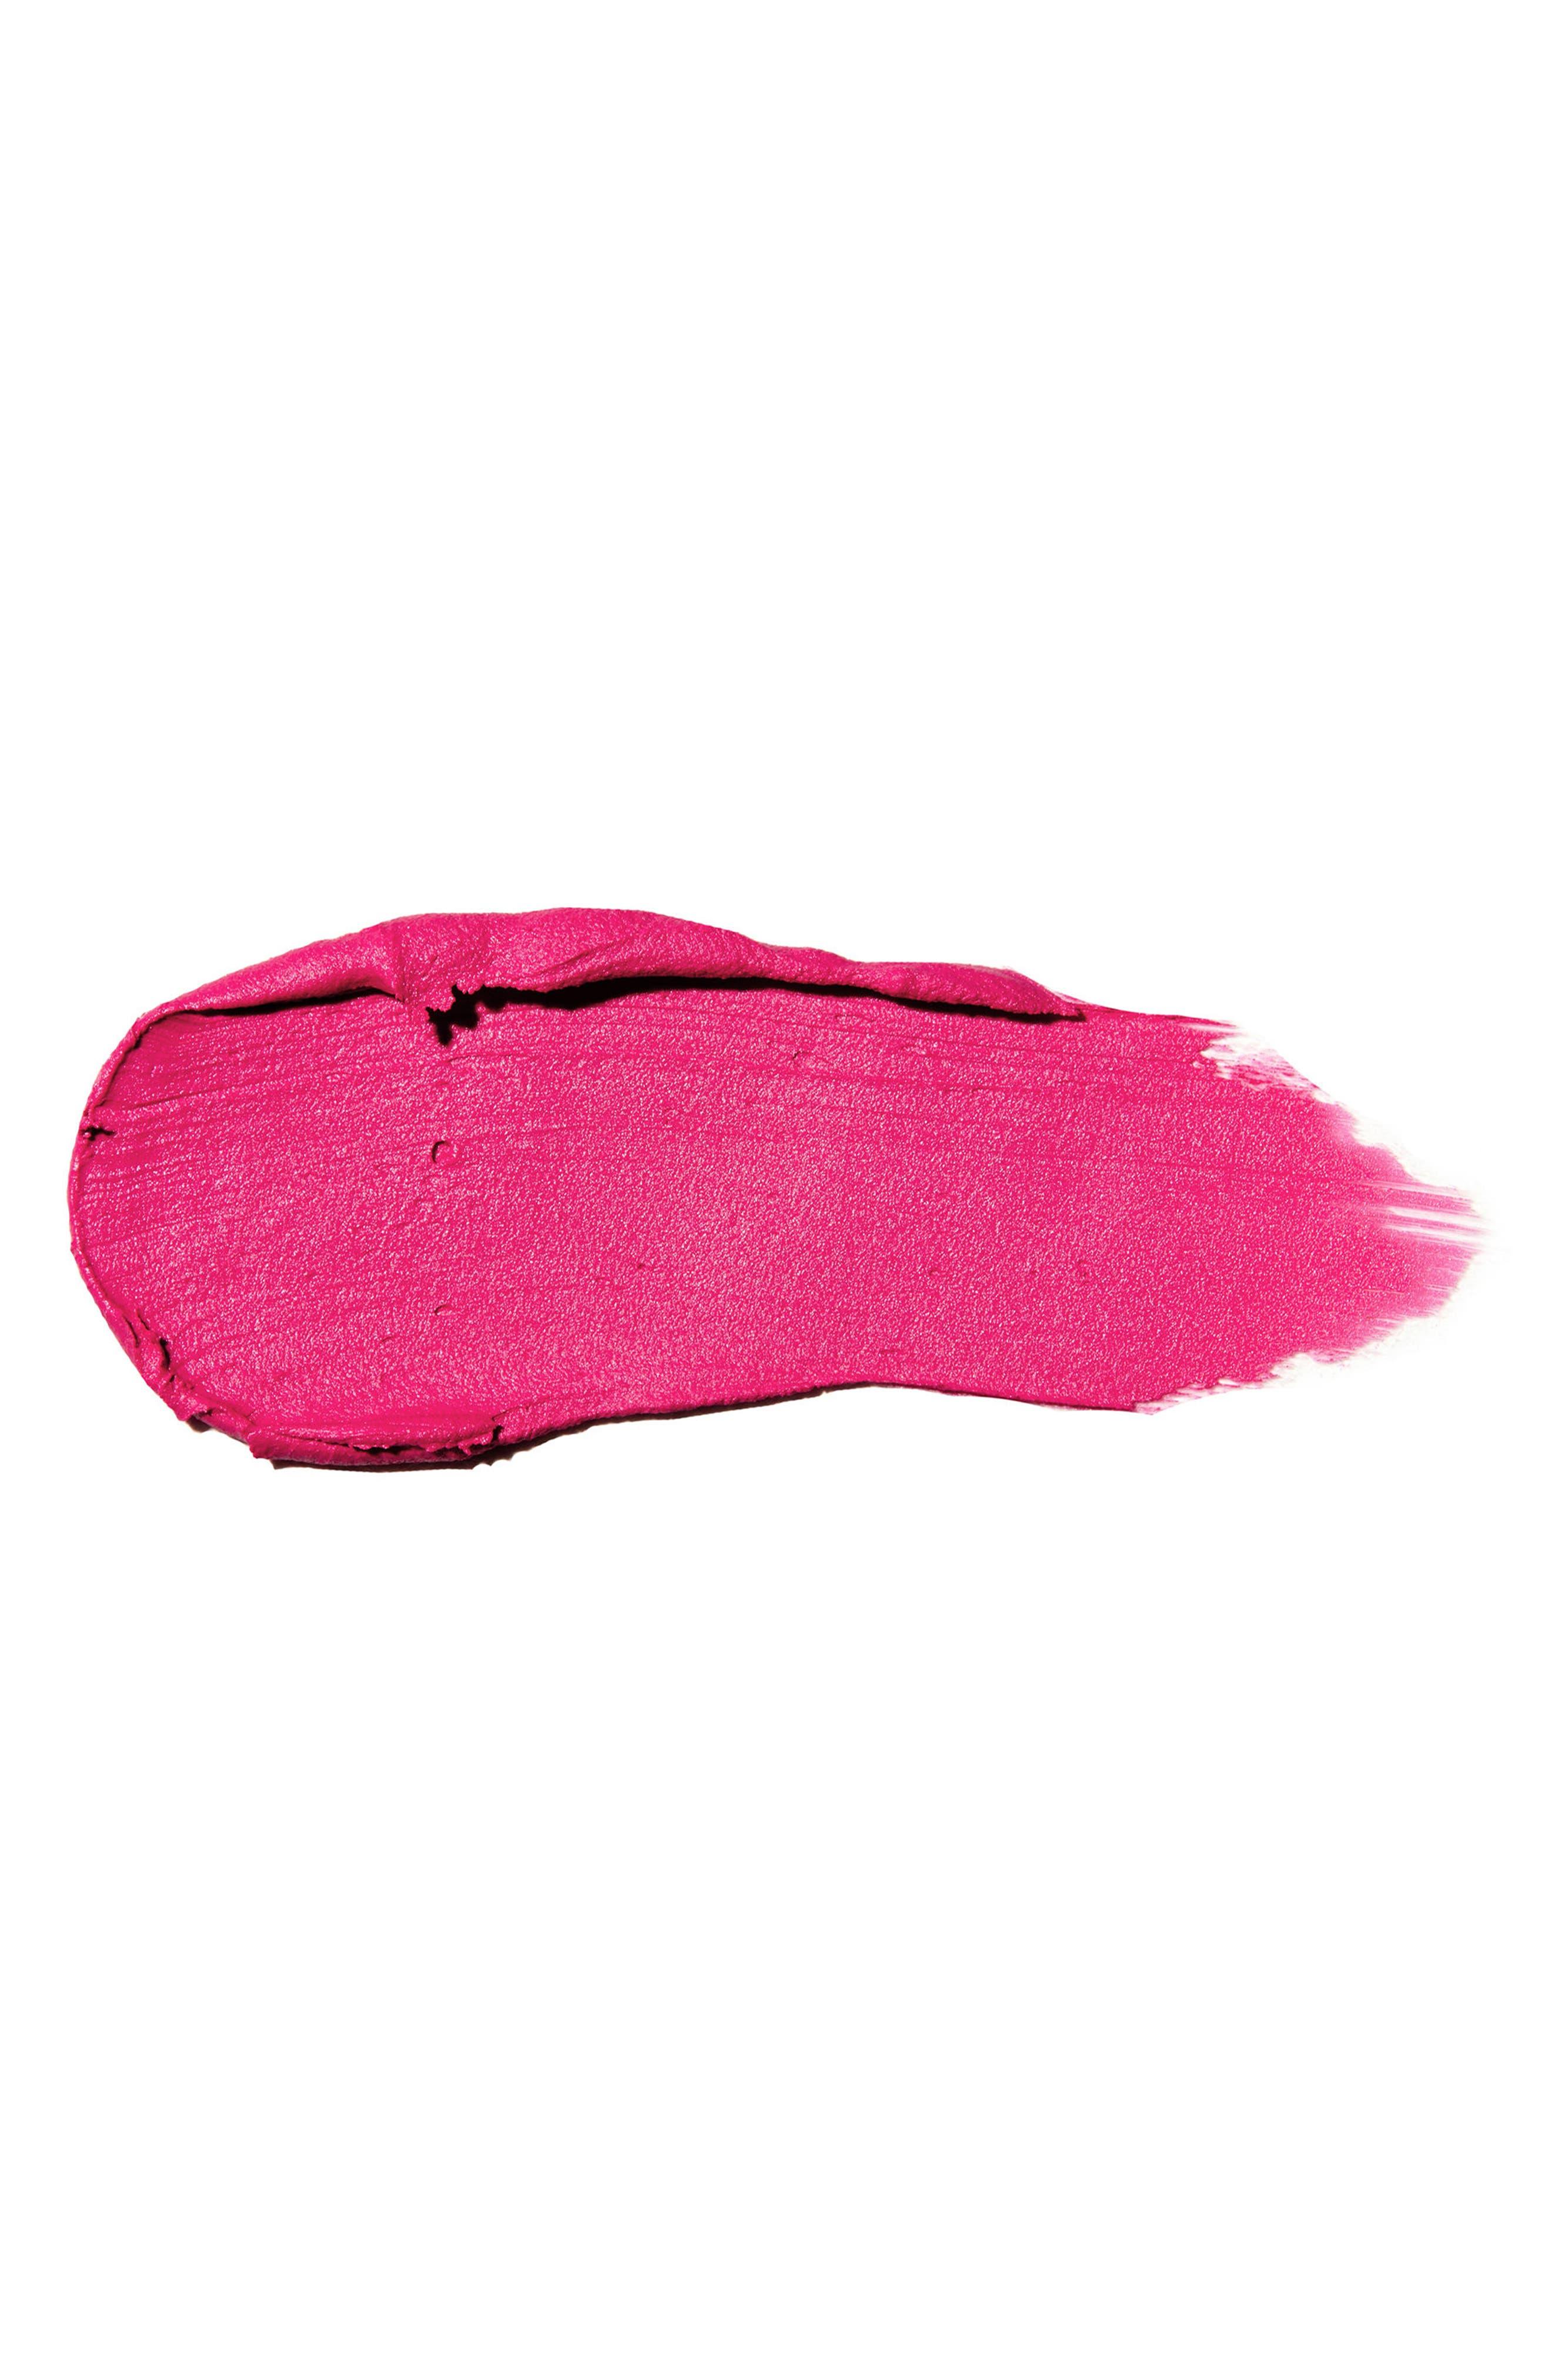 Mini Matte Lipstick Set,                             Alternate thumbnail 3, color,                             PINK